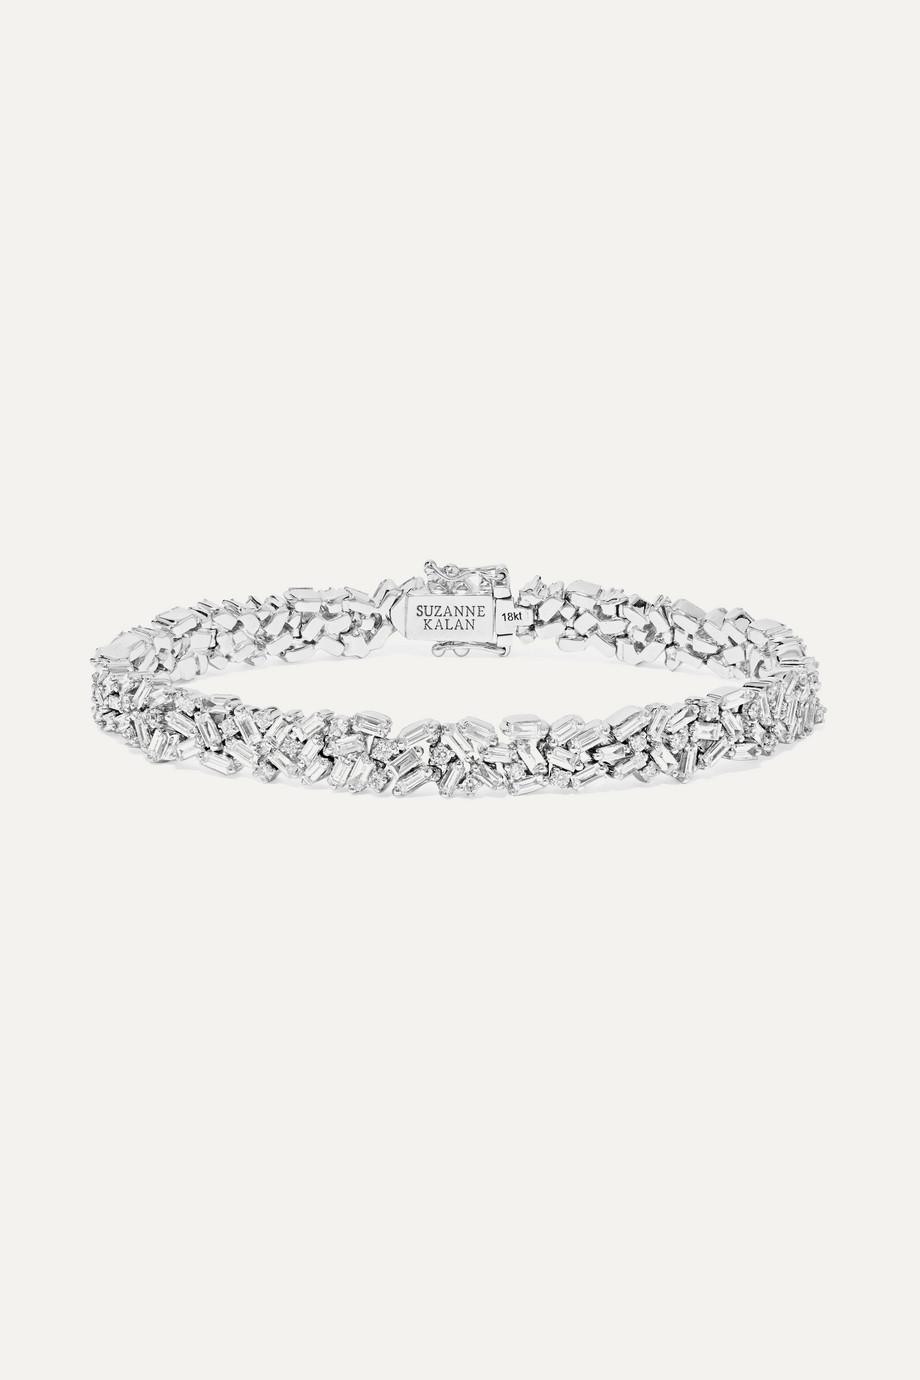 Suzanne Kalan Armband aus 18Karat Weißgold mit Diamanten